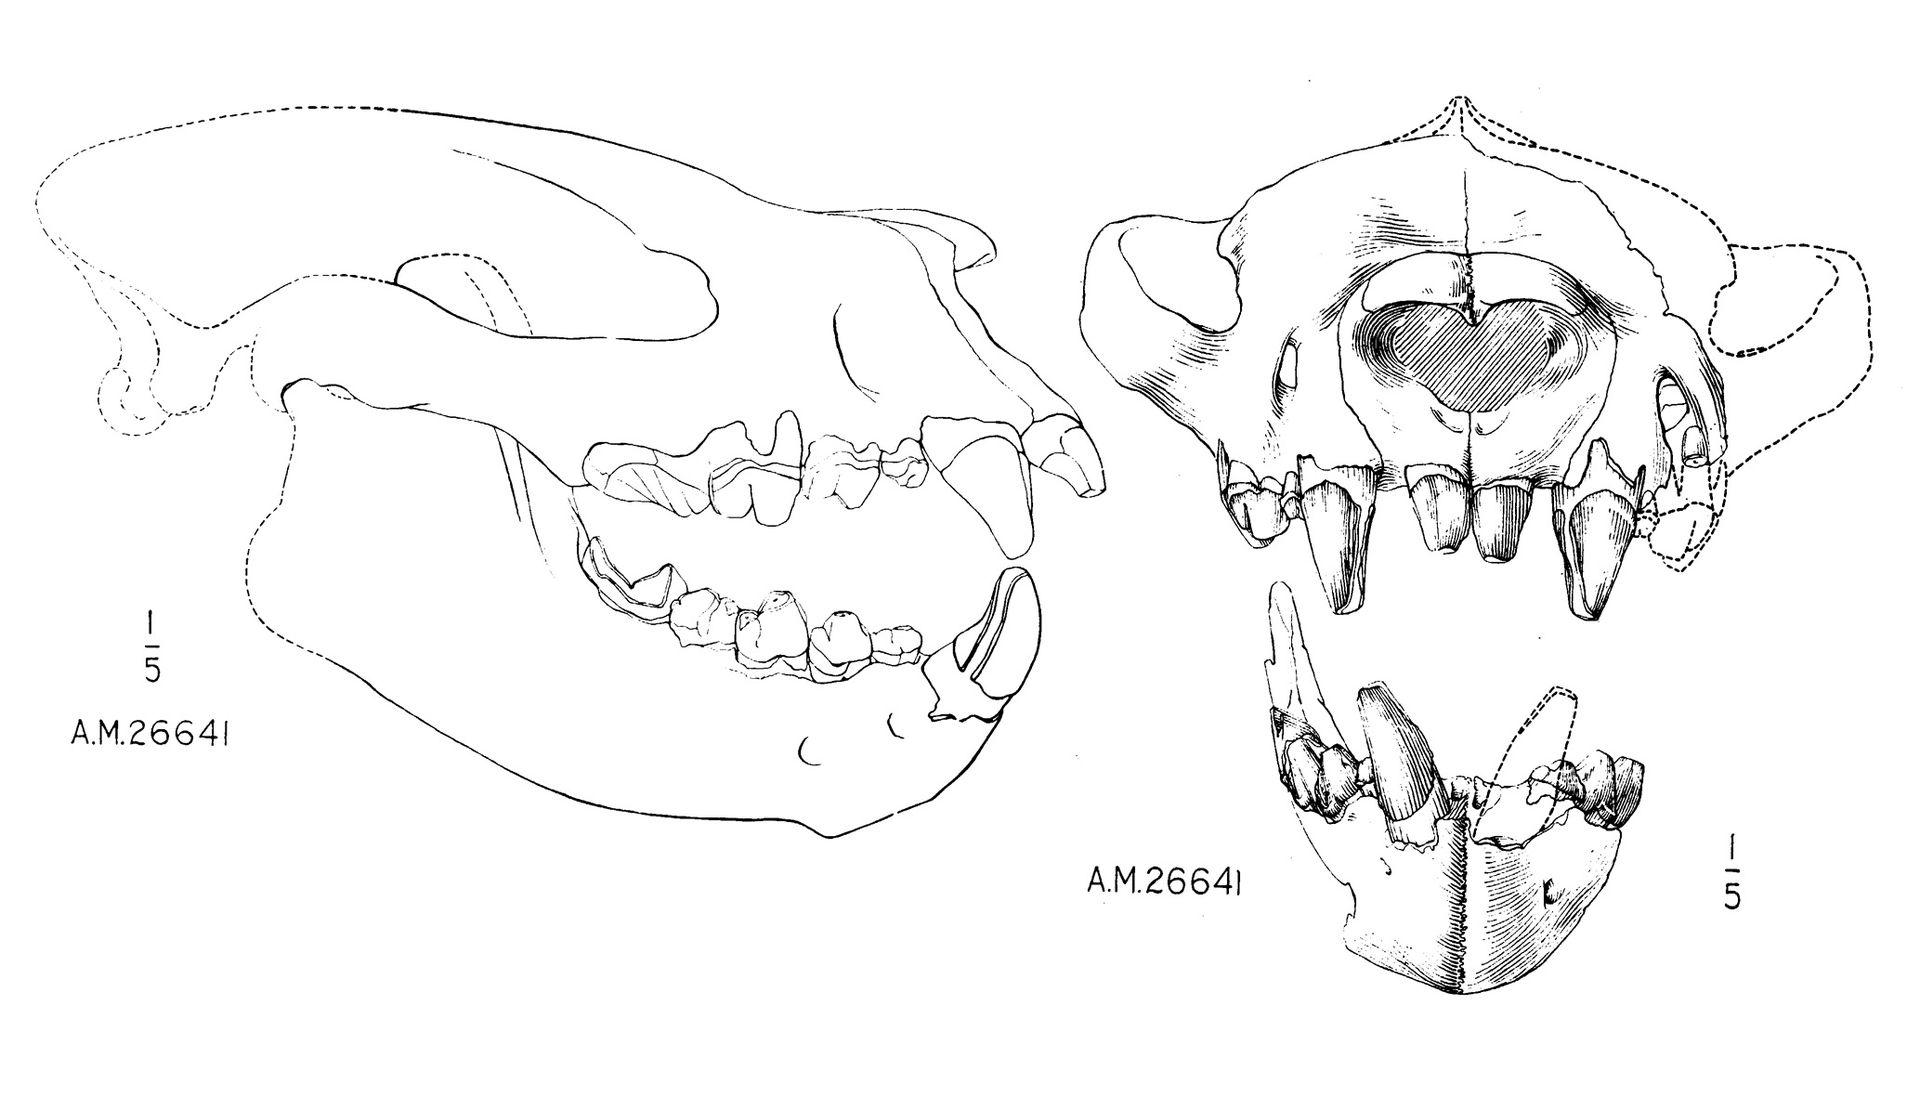 Sarkastodon_scull_AMNH